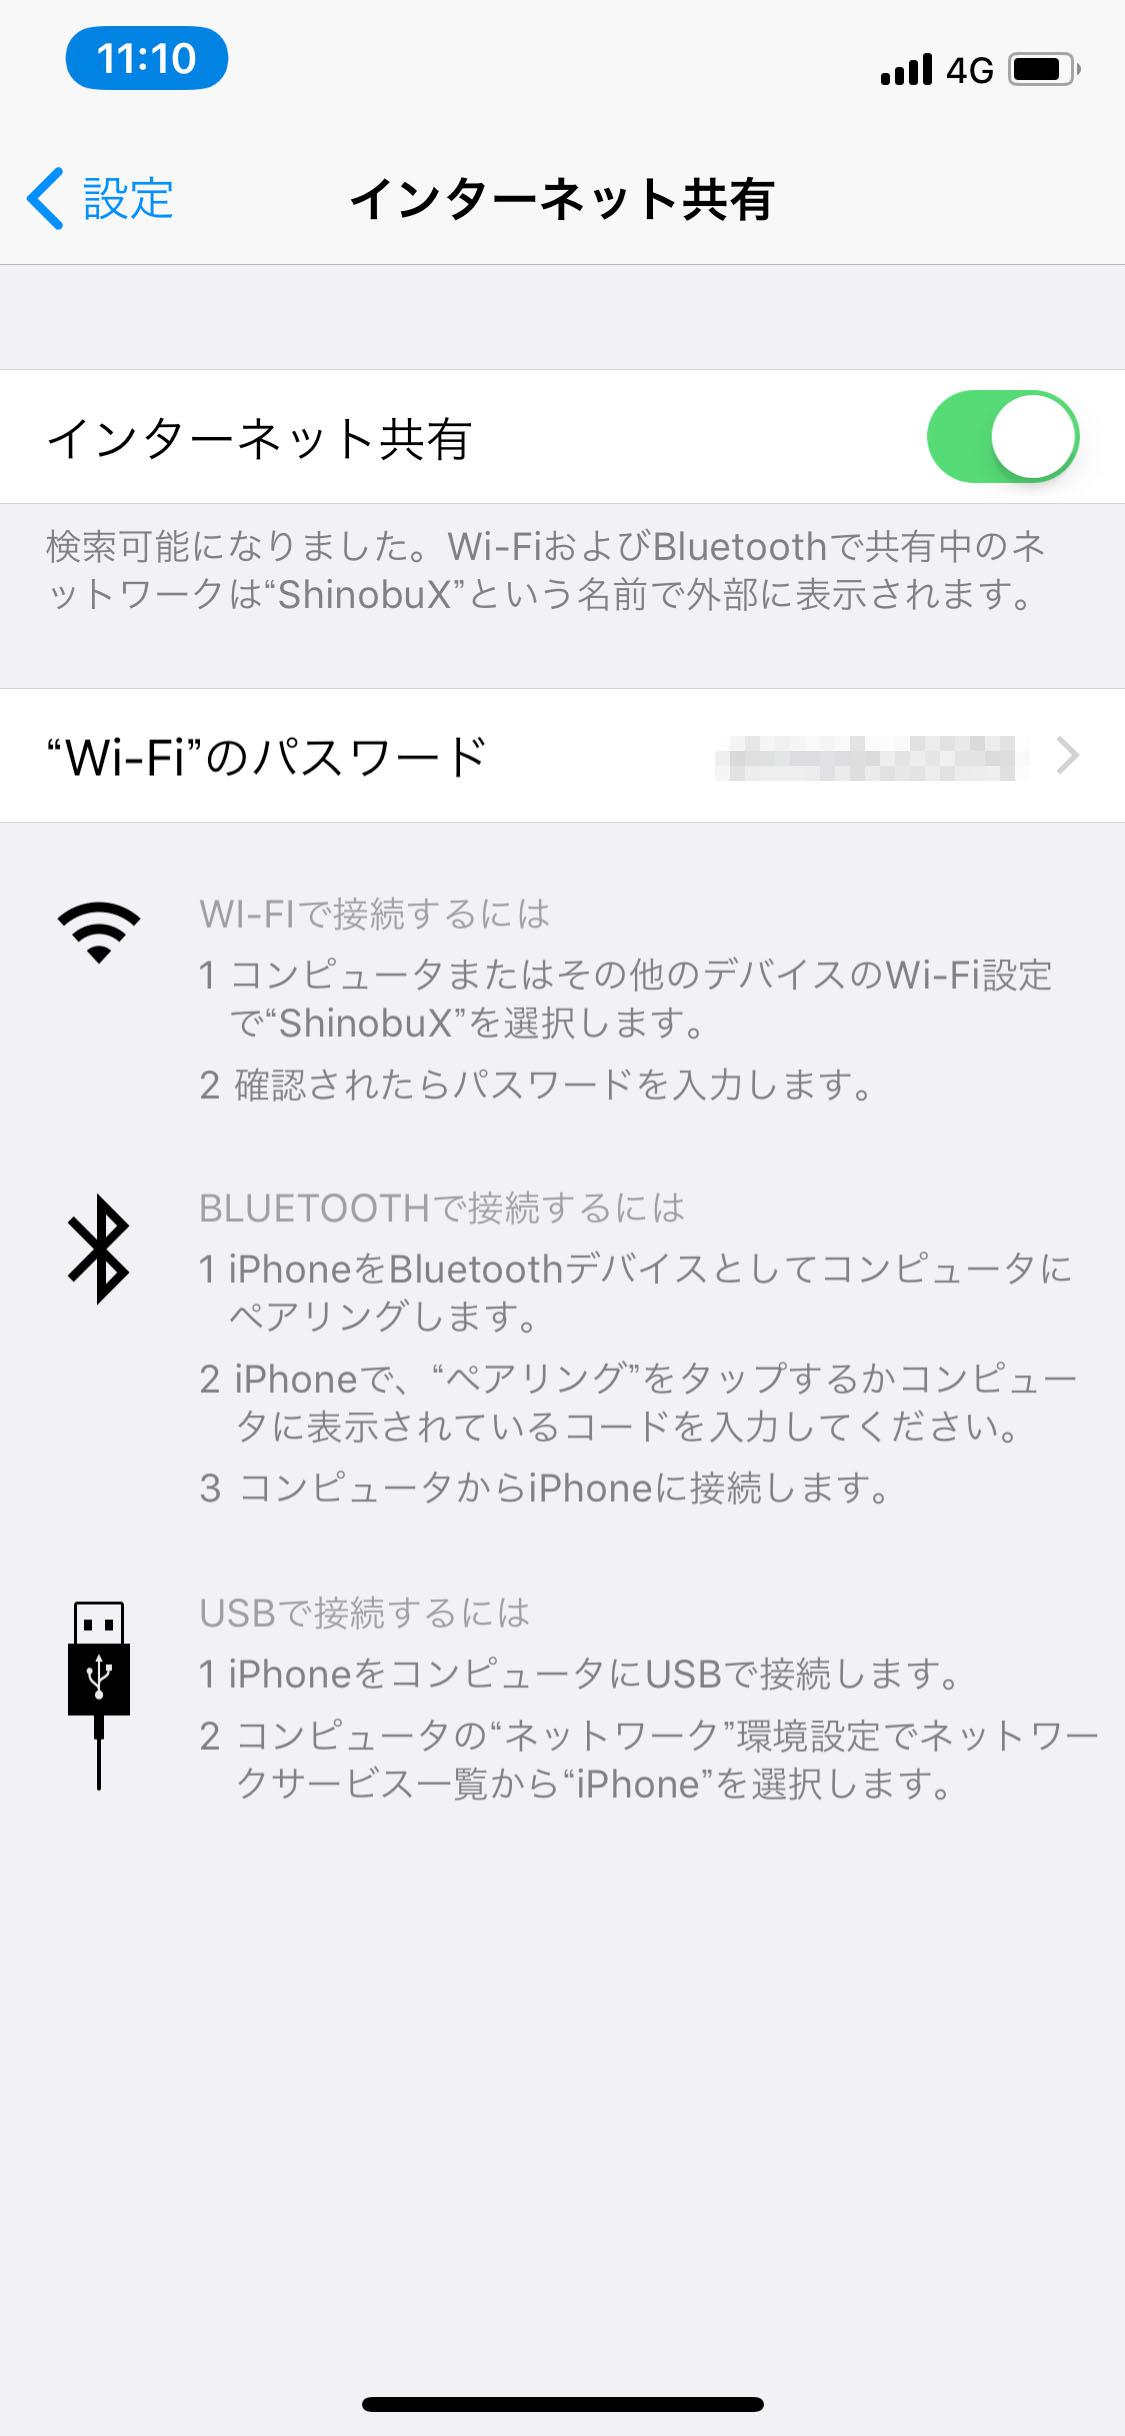 テザリング やり方 iphone の